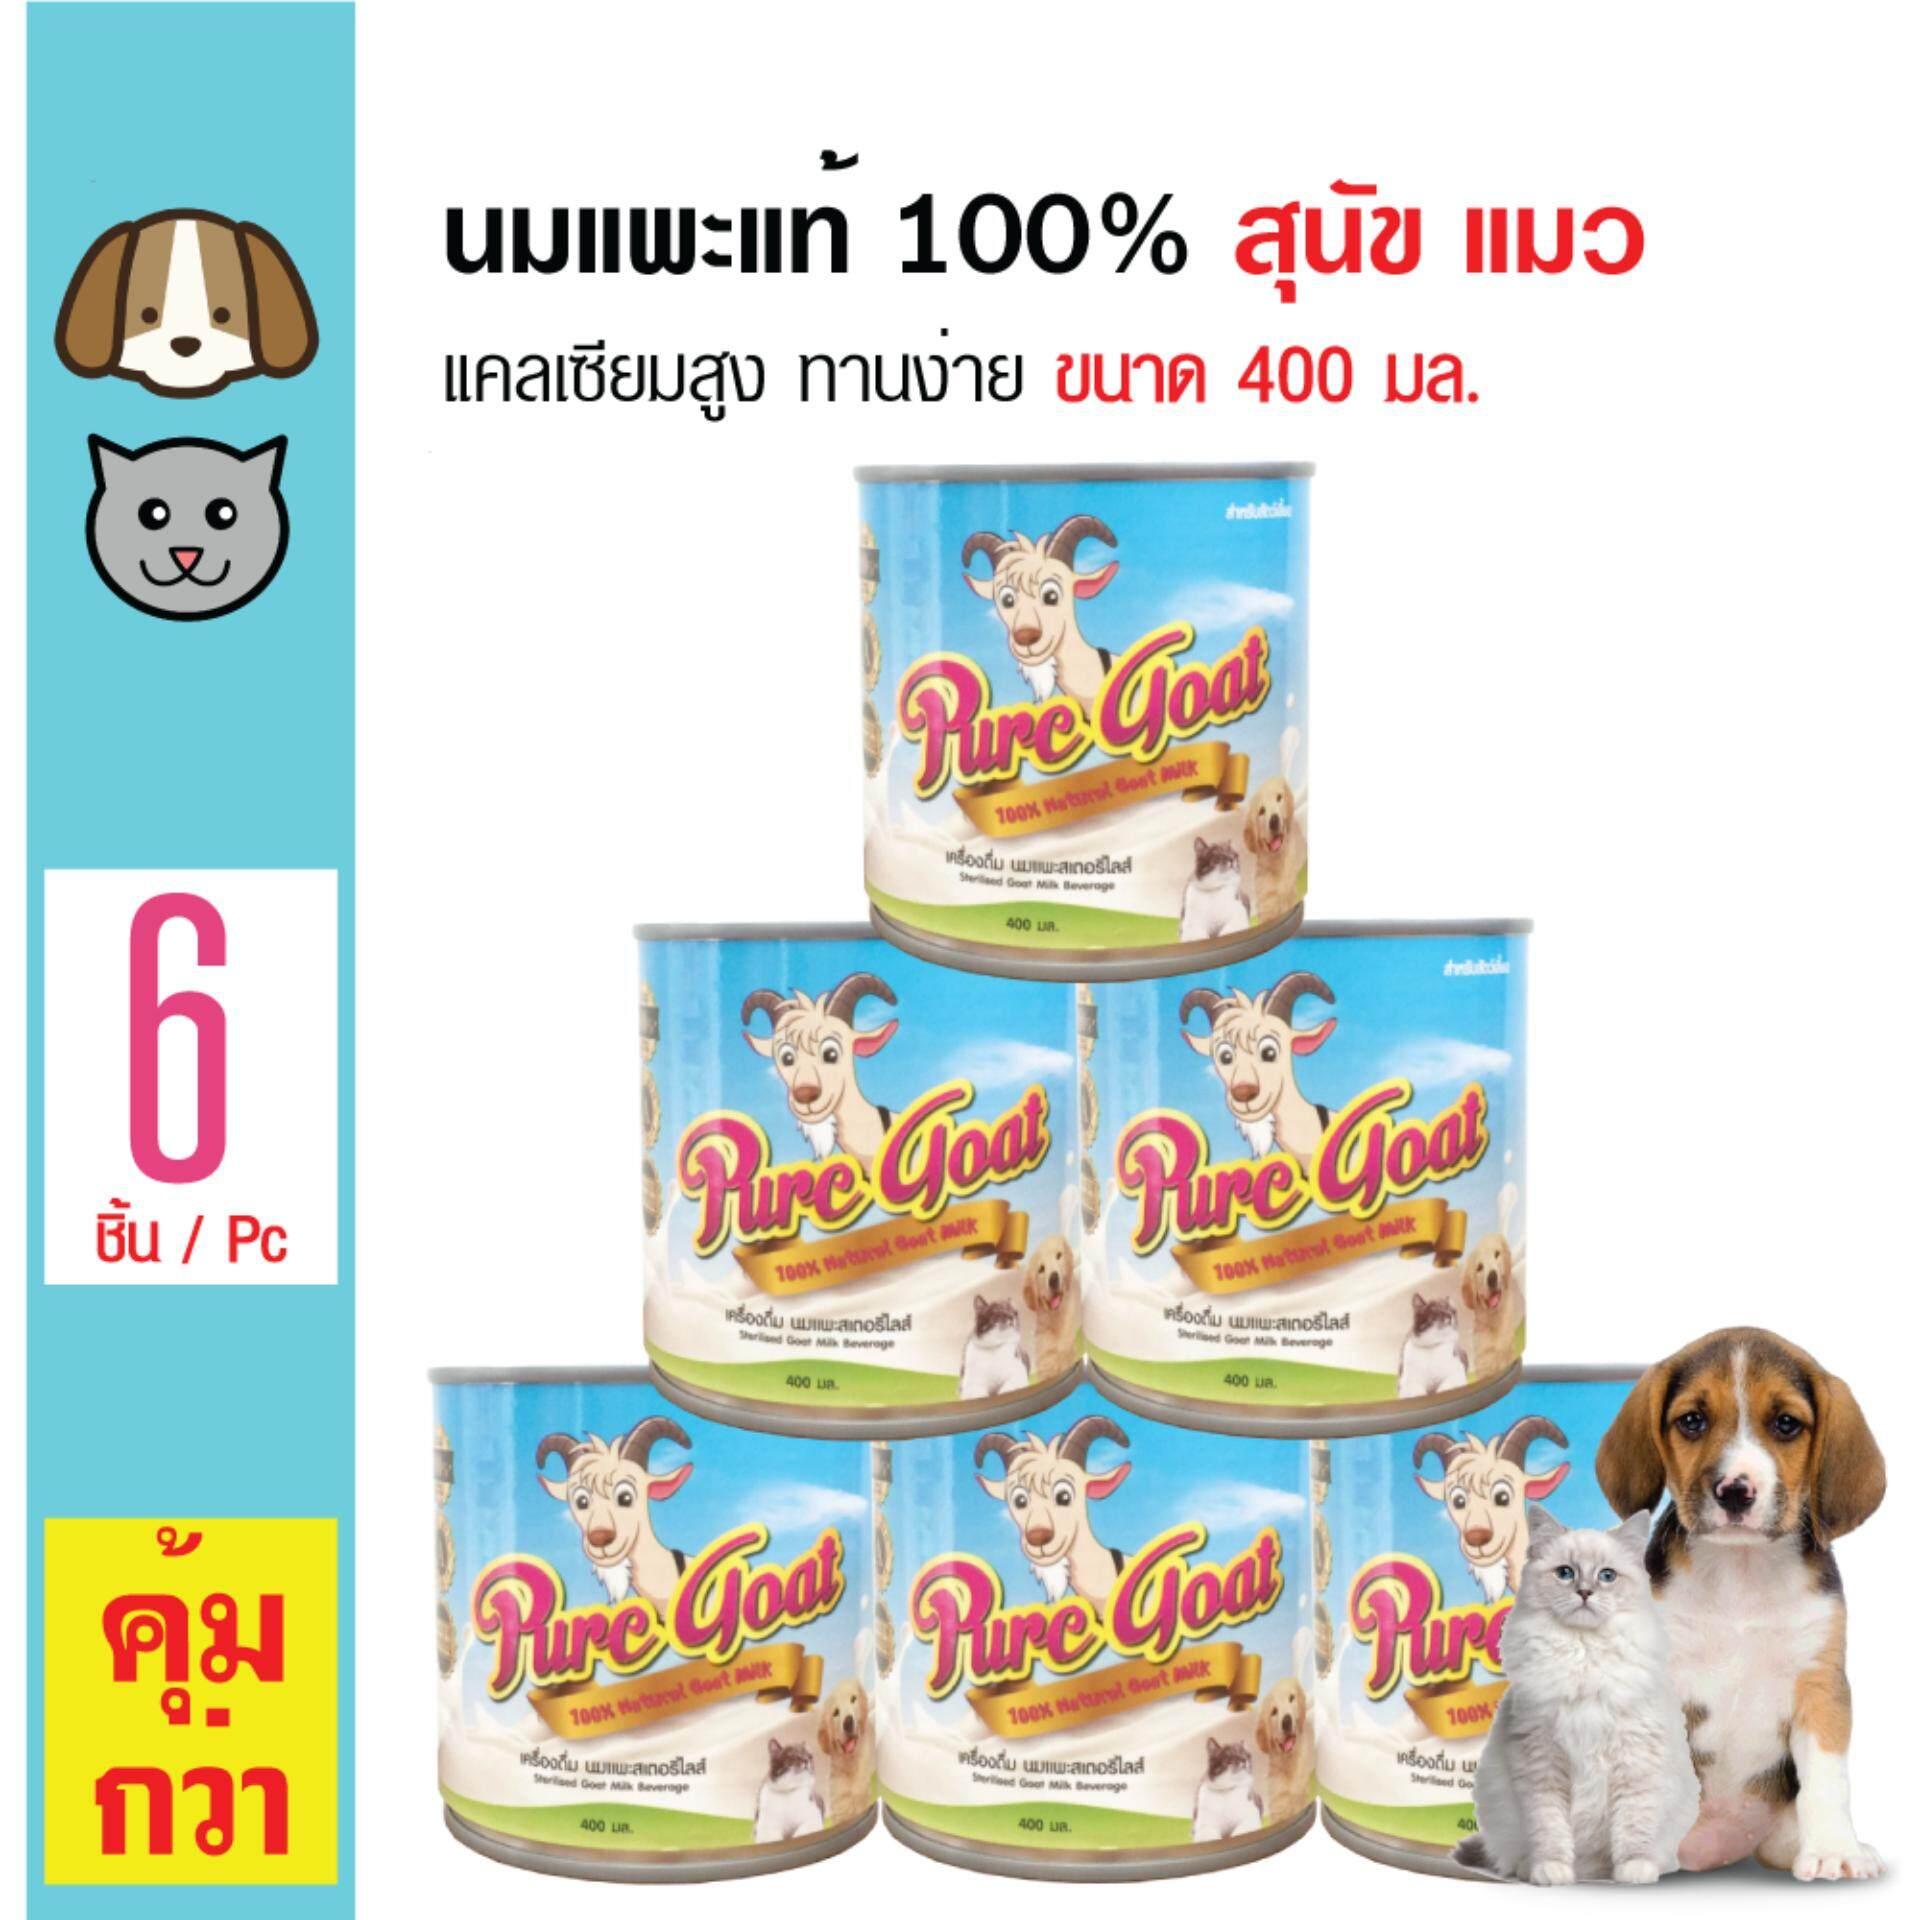 ราคา Pure Goat นมแพะแท้ 100 เสริมแคลเซียม ทานง่าย สำหรับสุนัขและแมว ขนาด 400 มล X 6 กระป๋อง